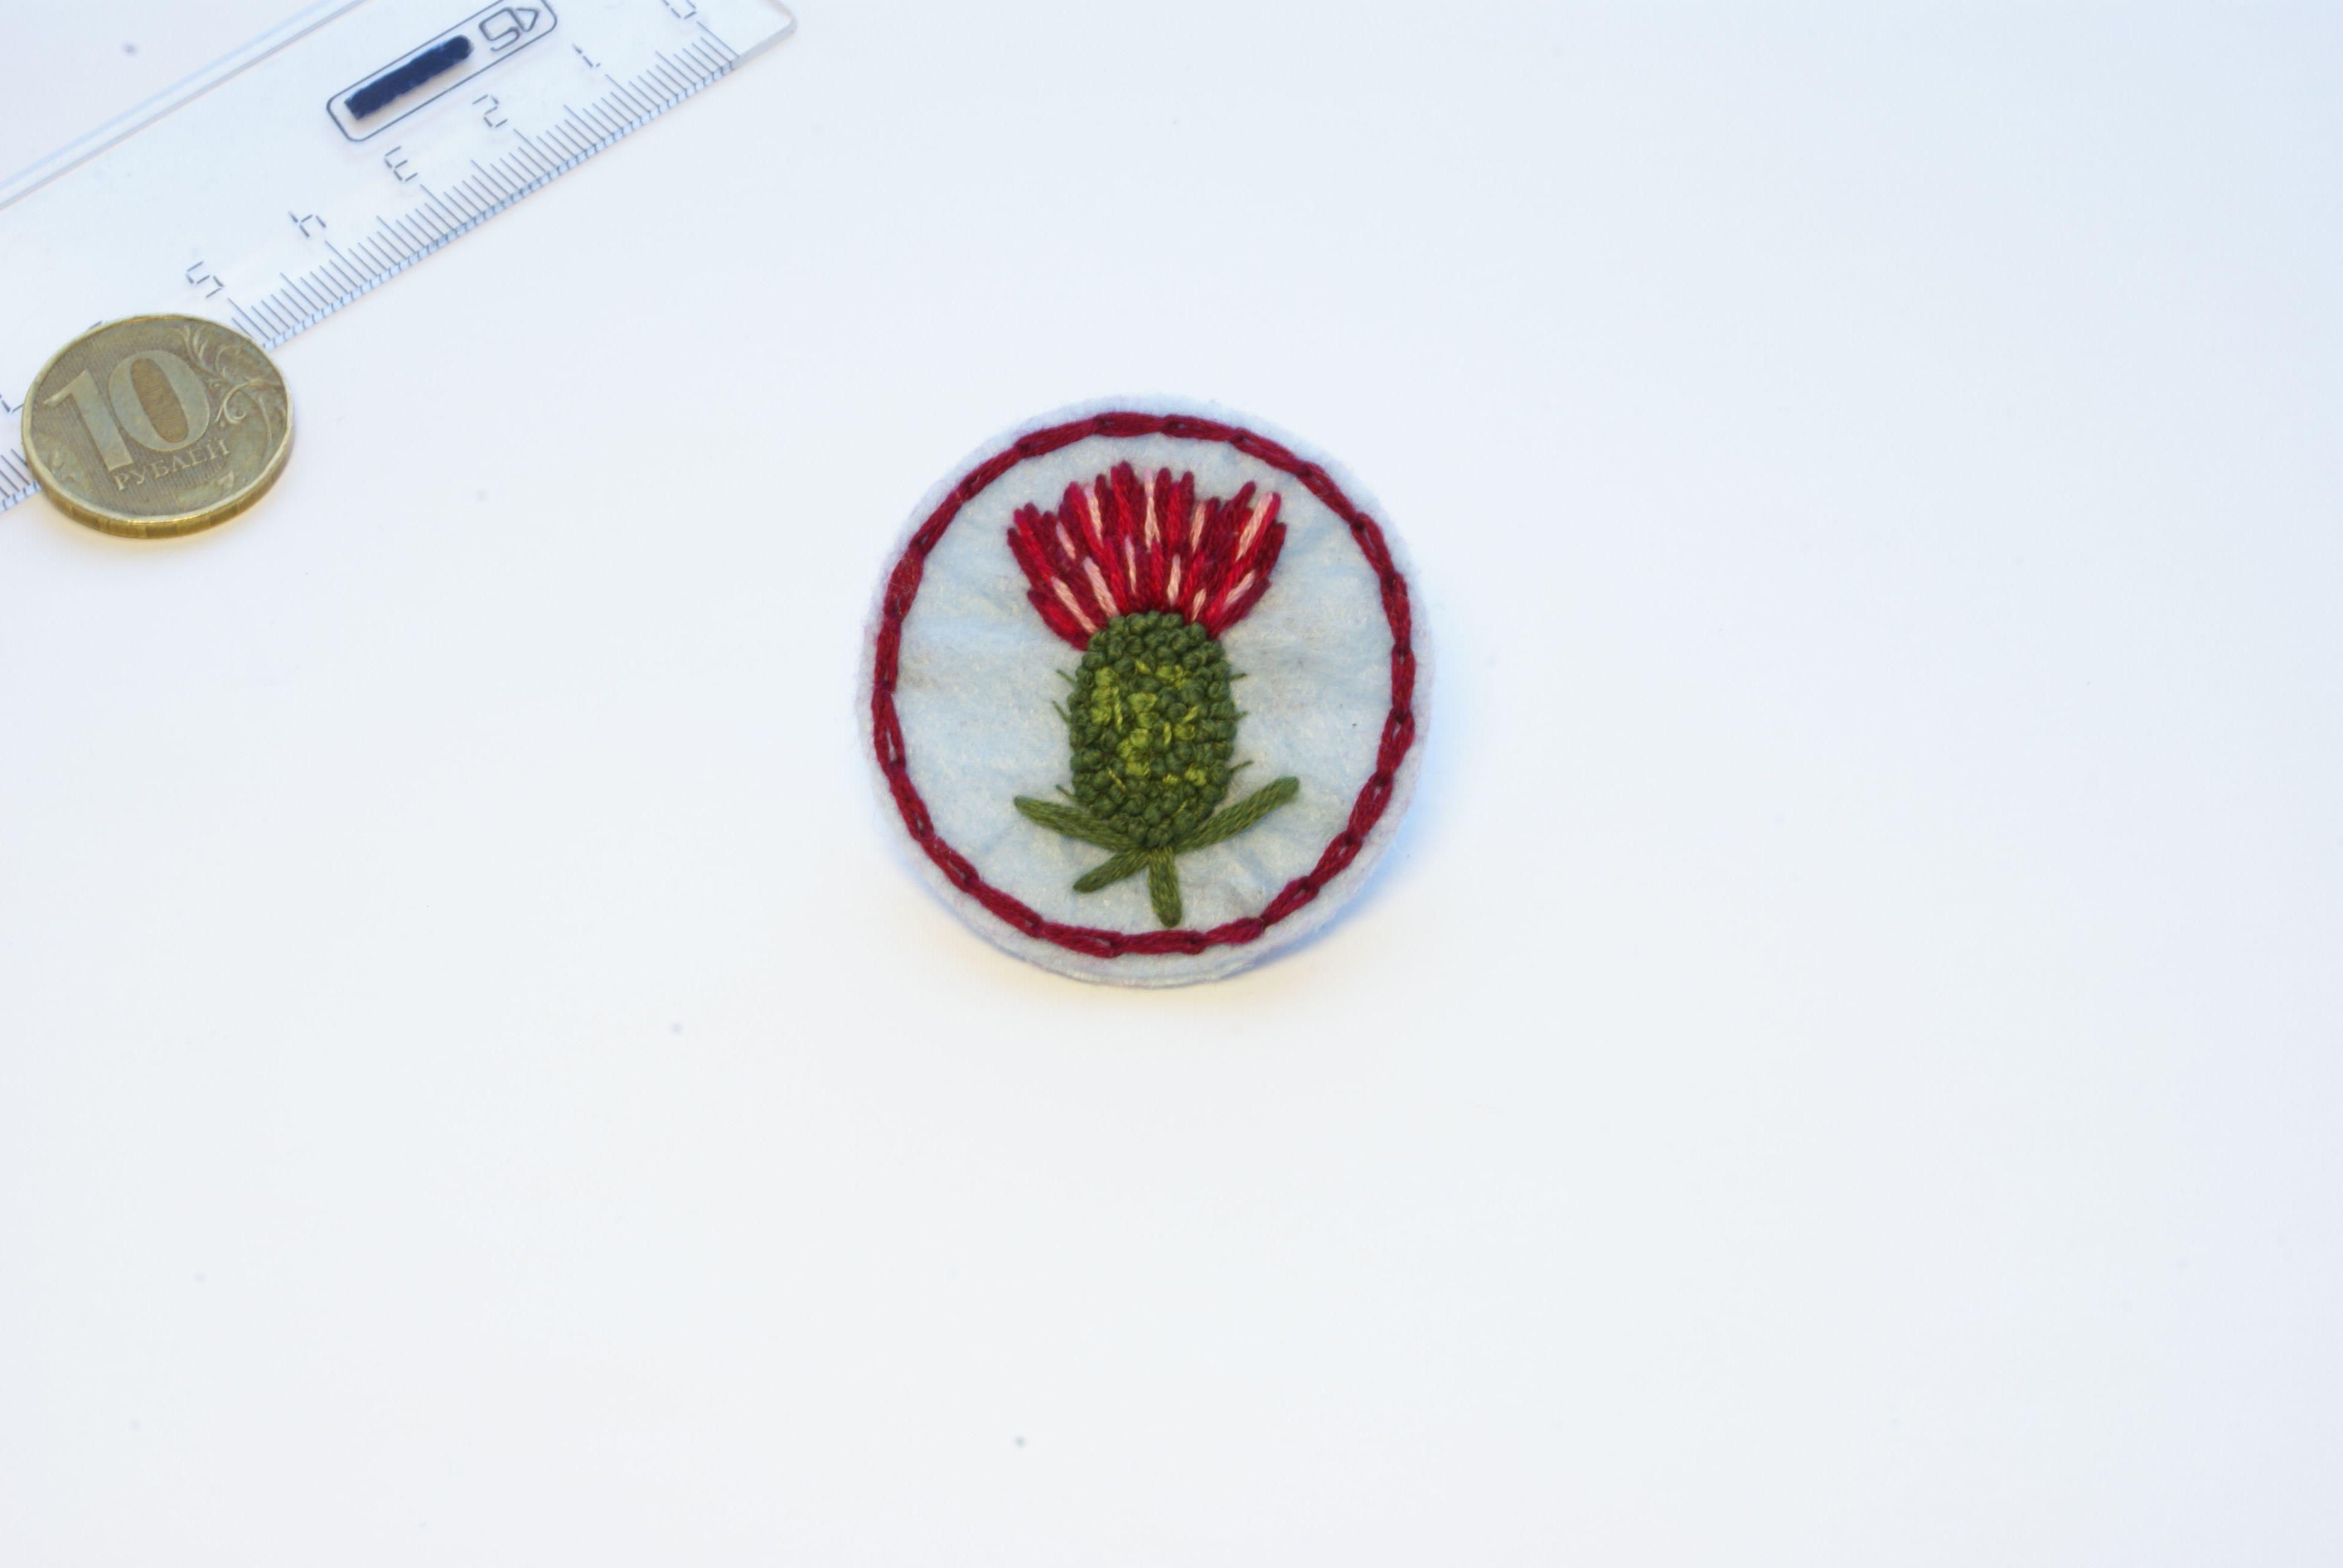 вышивка чертополох брошка брошь украшение ручнаяработа фетр